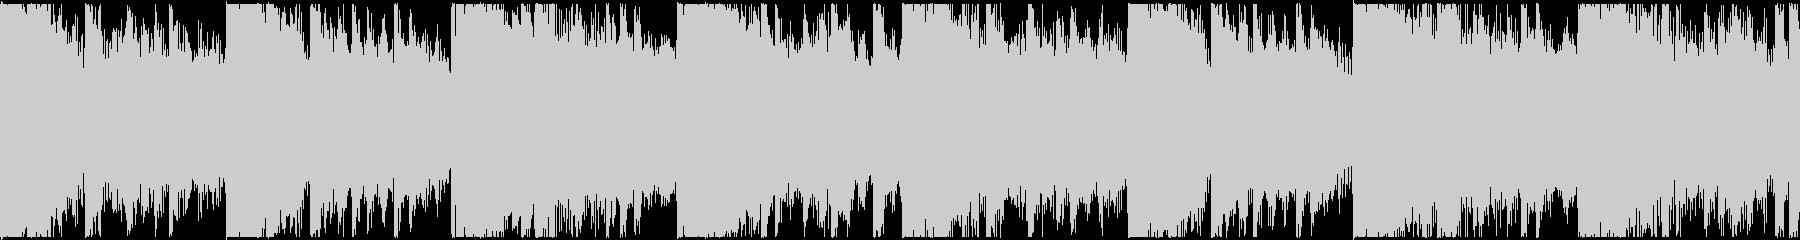 無機質なエレクトロニカBGM(ループ)の未再生の波形